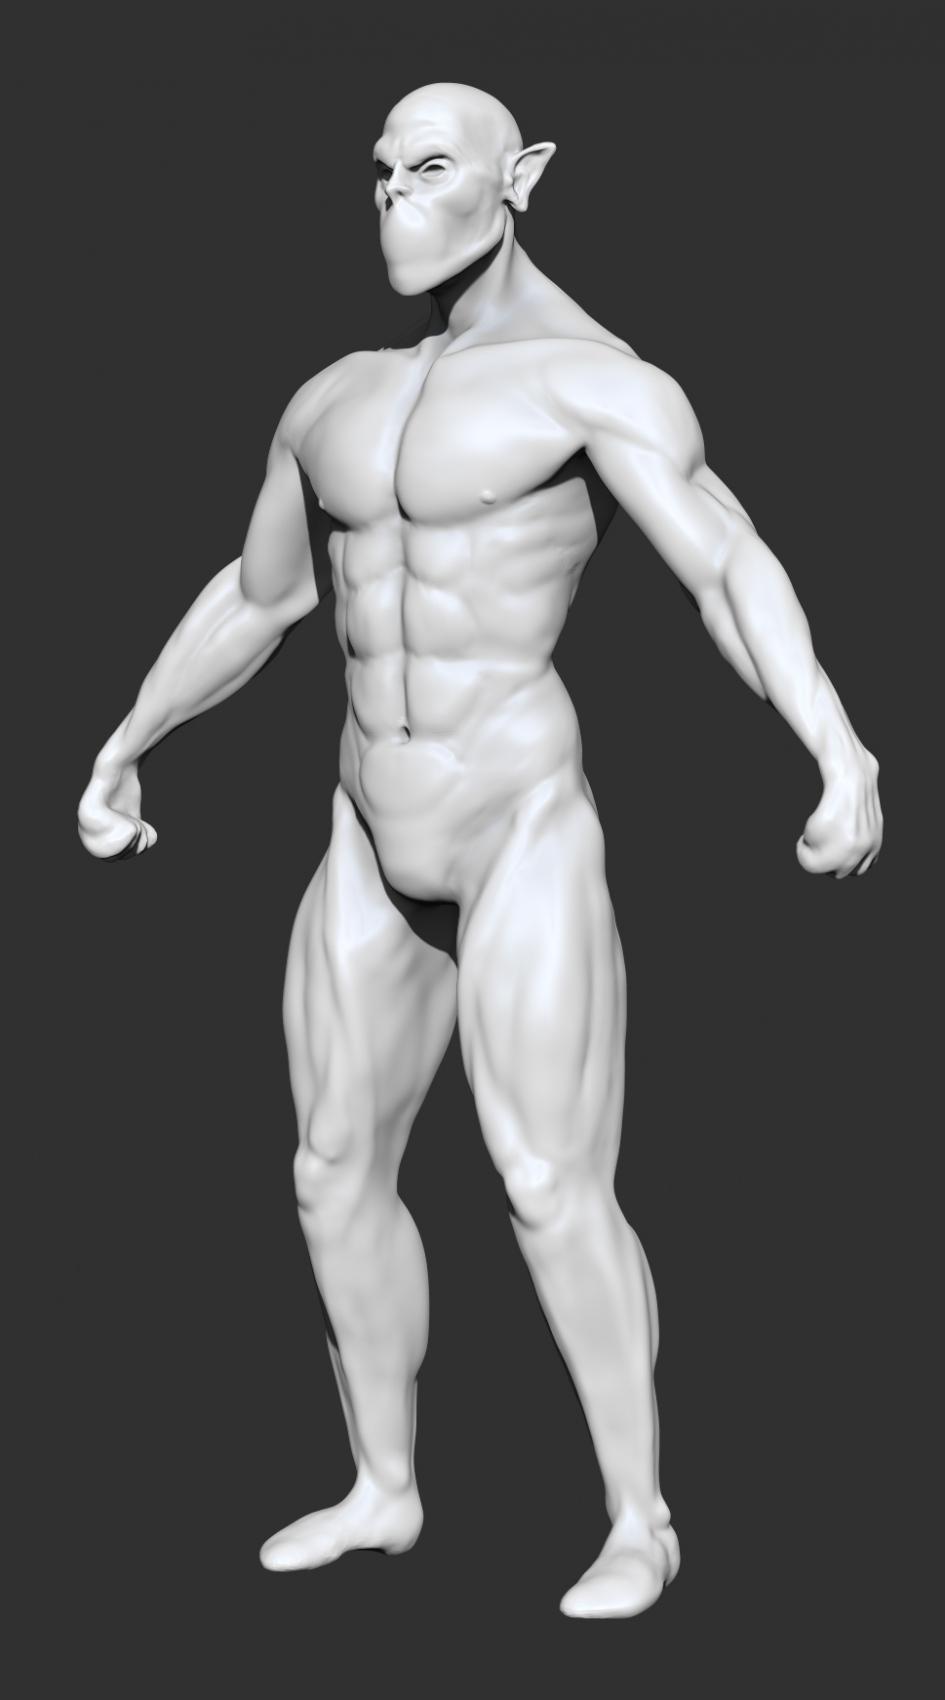 abou-jamra ziad - Anatomie